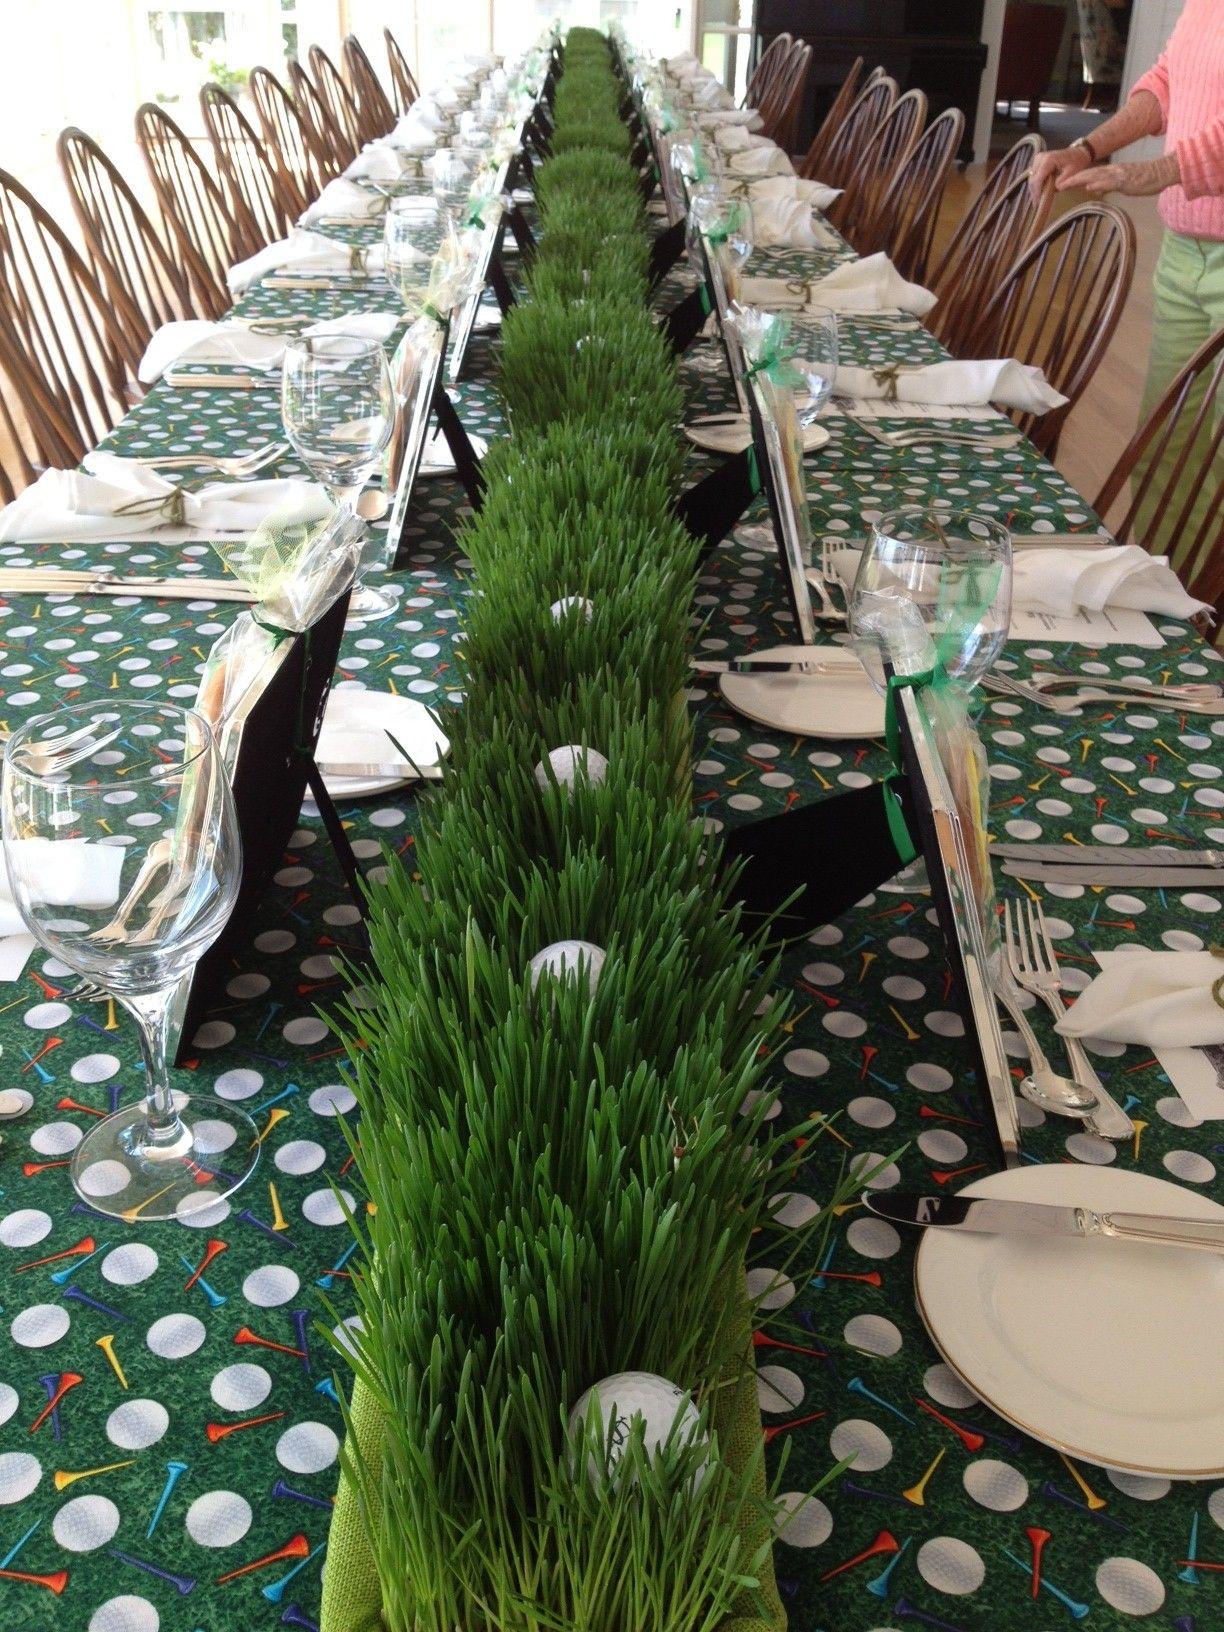 wheat grass and golf ball long centerpiece  u2013 shared on